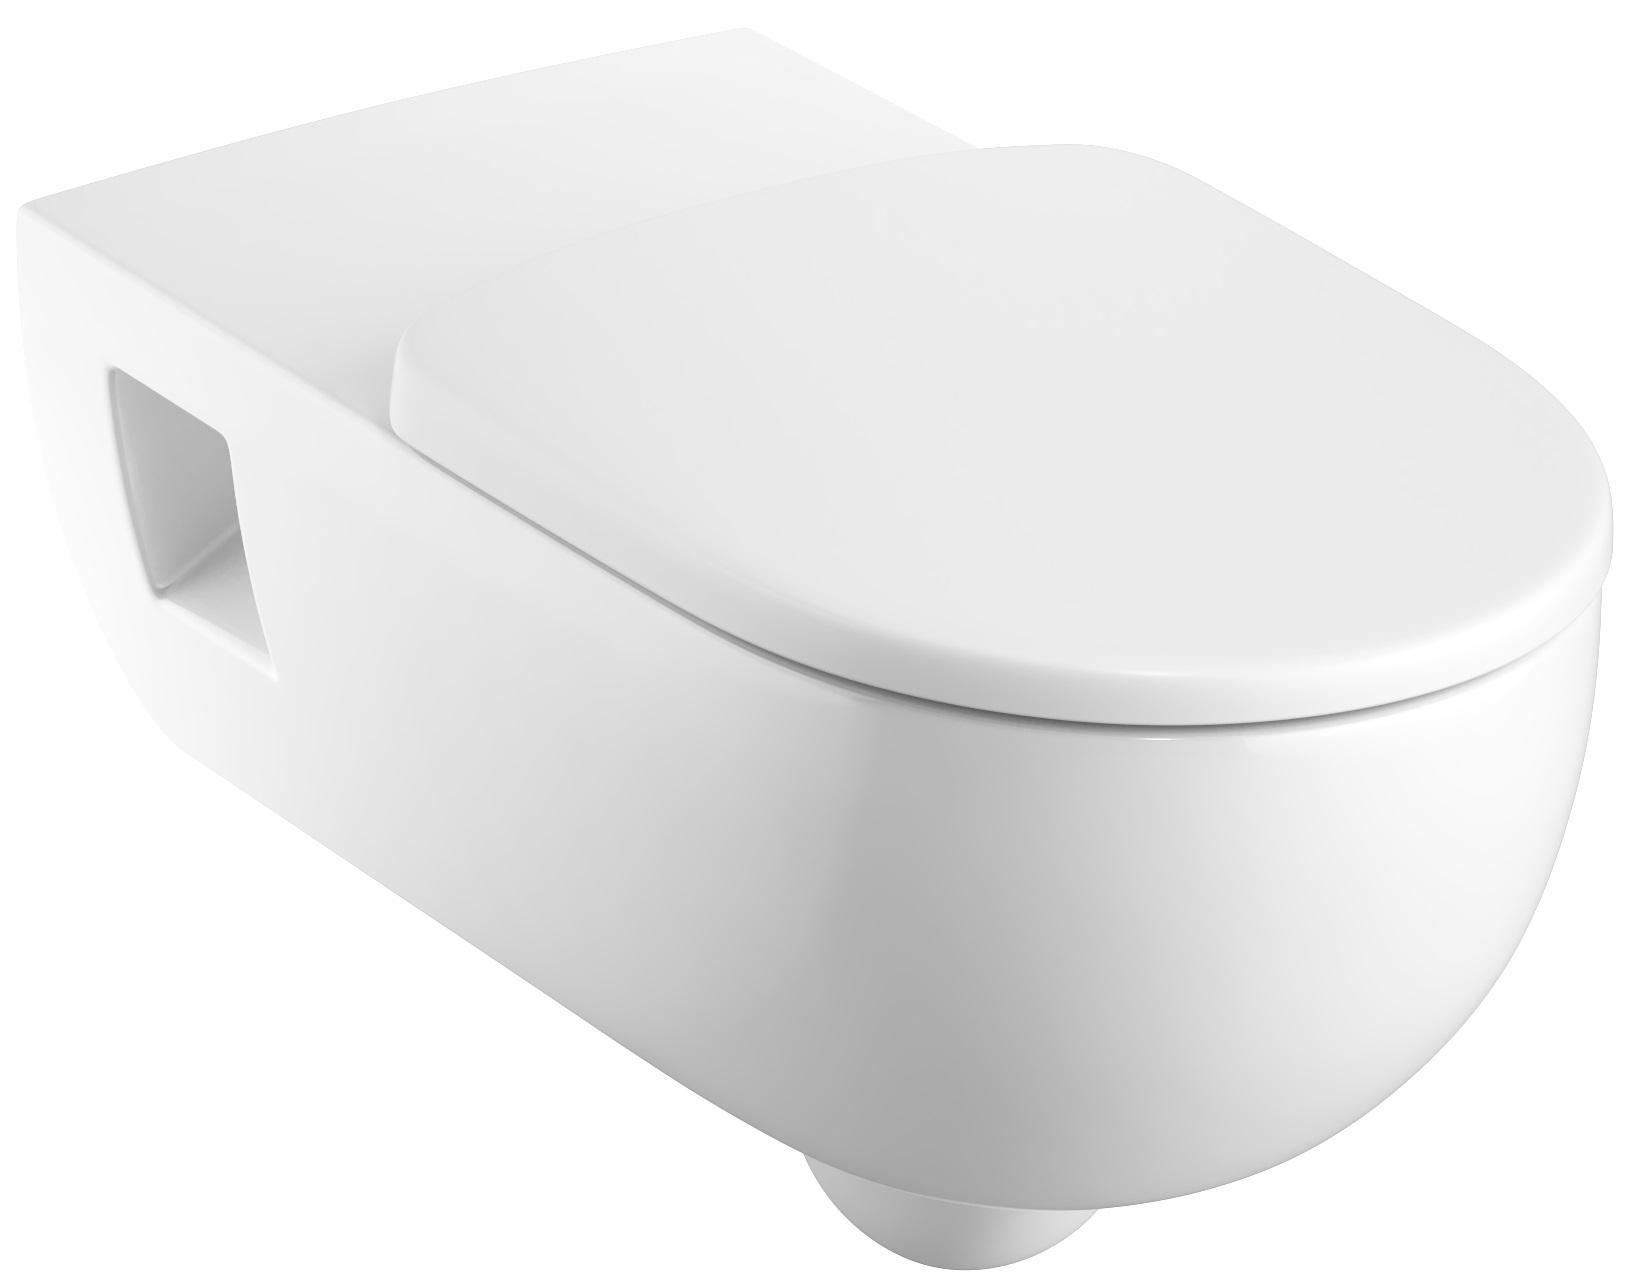 Wisząca Miska WC dla niepełnosprawnych KOŁO NOVA PRO PREMIUM Bez Barier M33129000